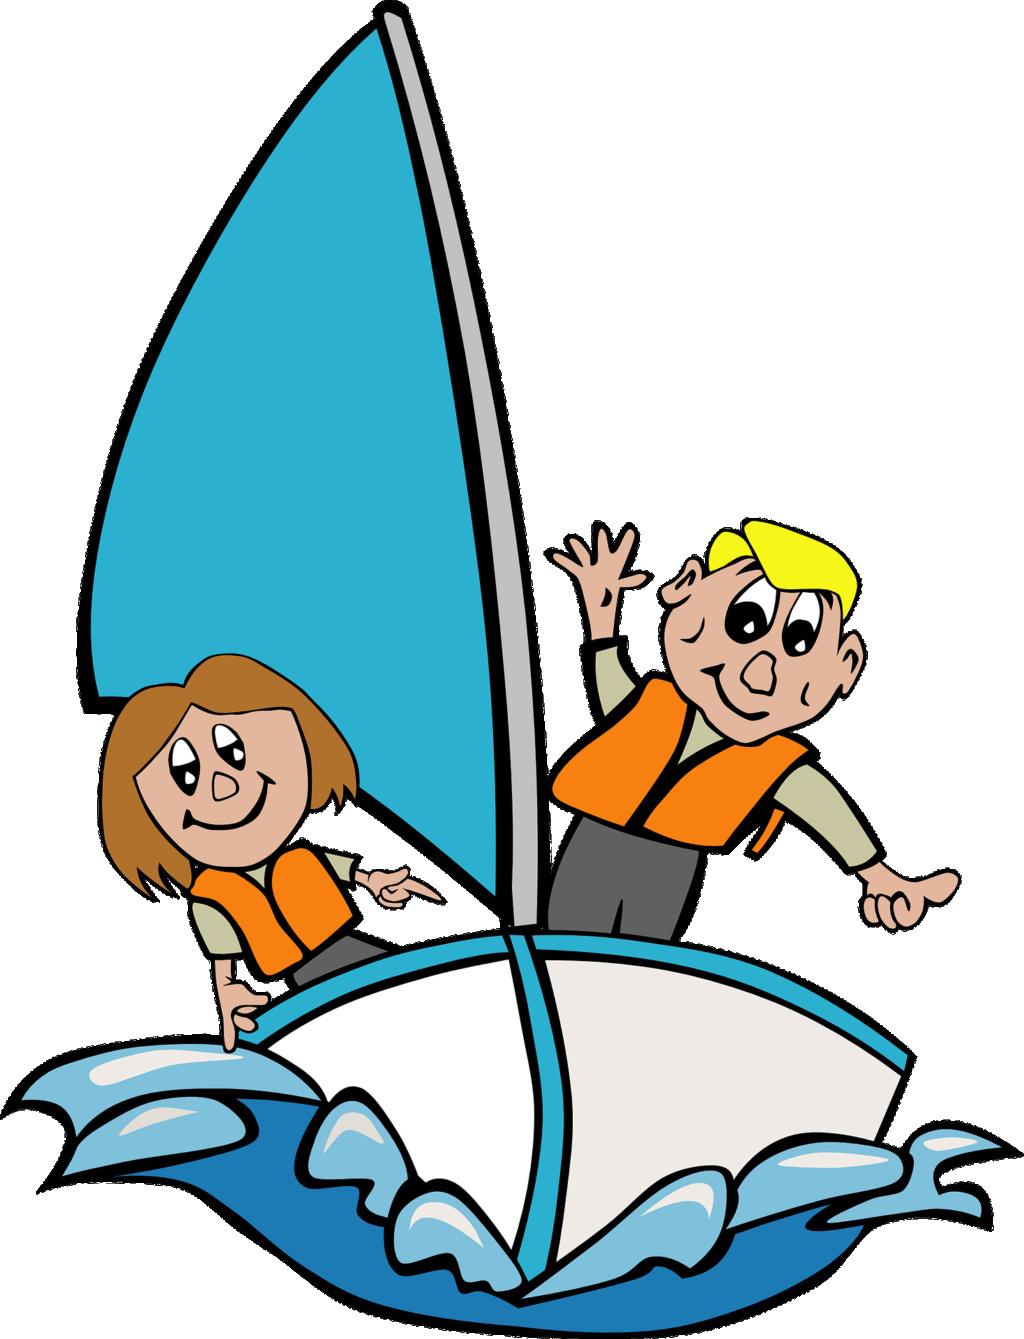 Гребля на лодке (спорт) 88410d10